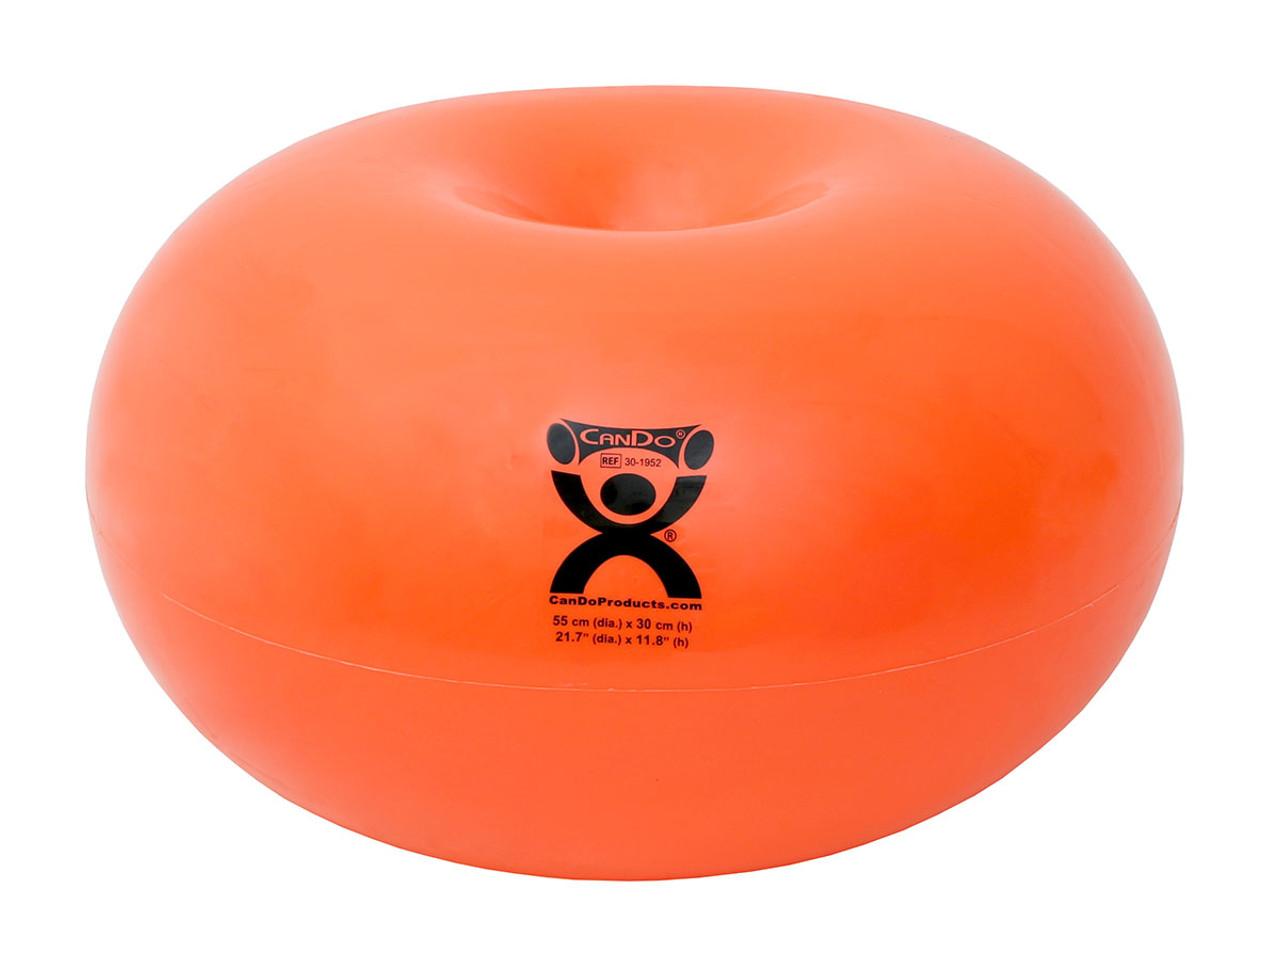 """CanDo¨ Donut Ball - Orange - 22"""" Dia x 12"""" H (55 cm Dia x 30 cm H)"""